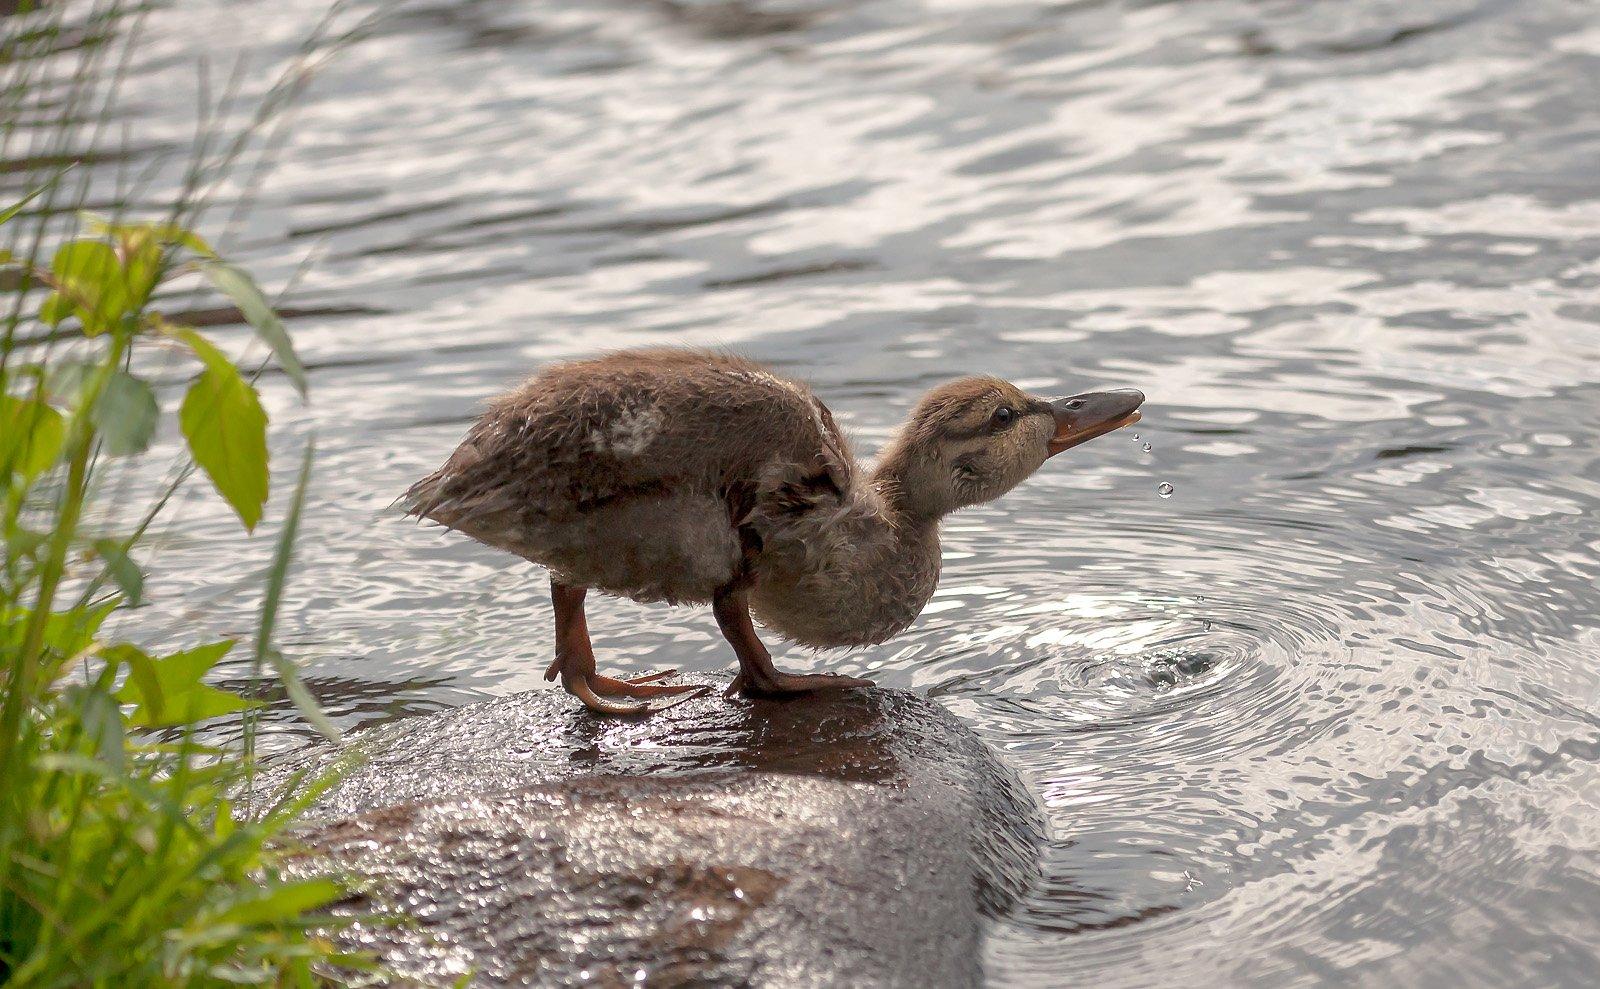 животные,птицы,природа,фауна,весна,фотоохота,утки,вода,birds,капли,animals,, Антонина Яновска